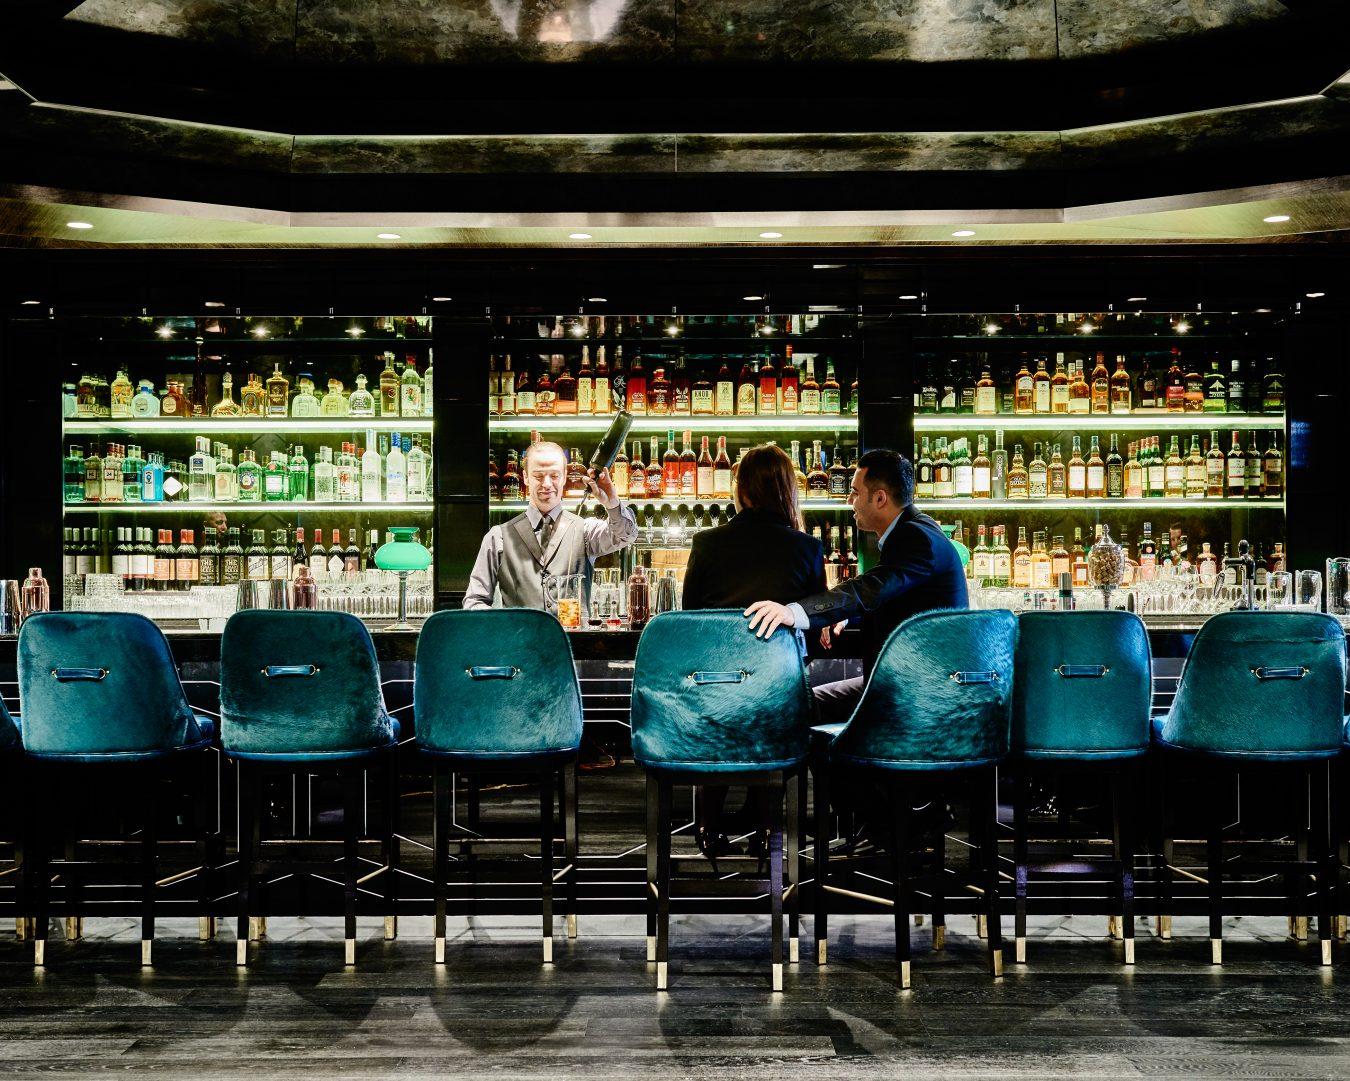 Vancouver's hidden bars